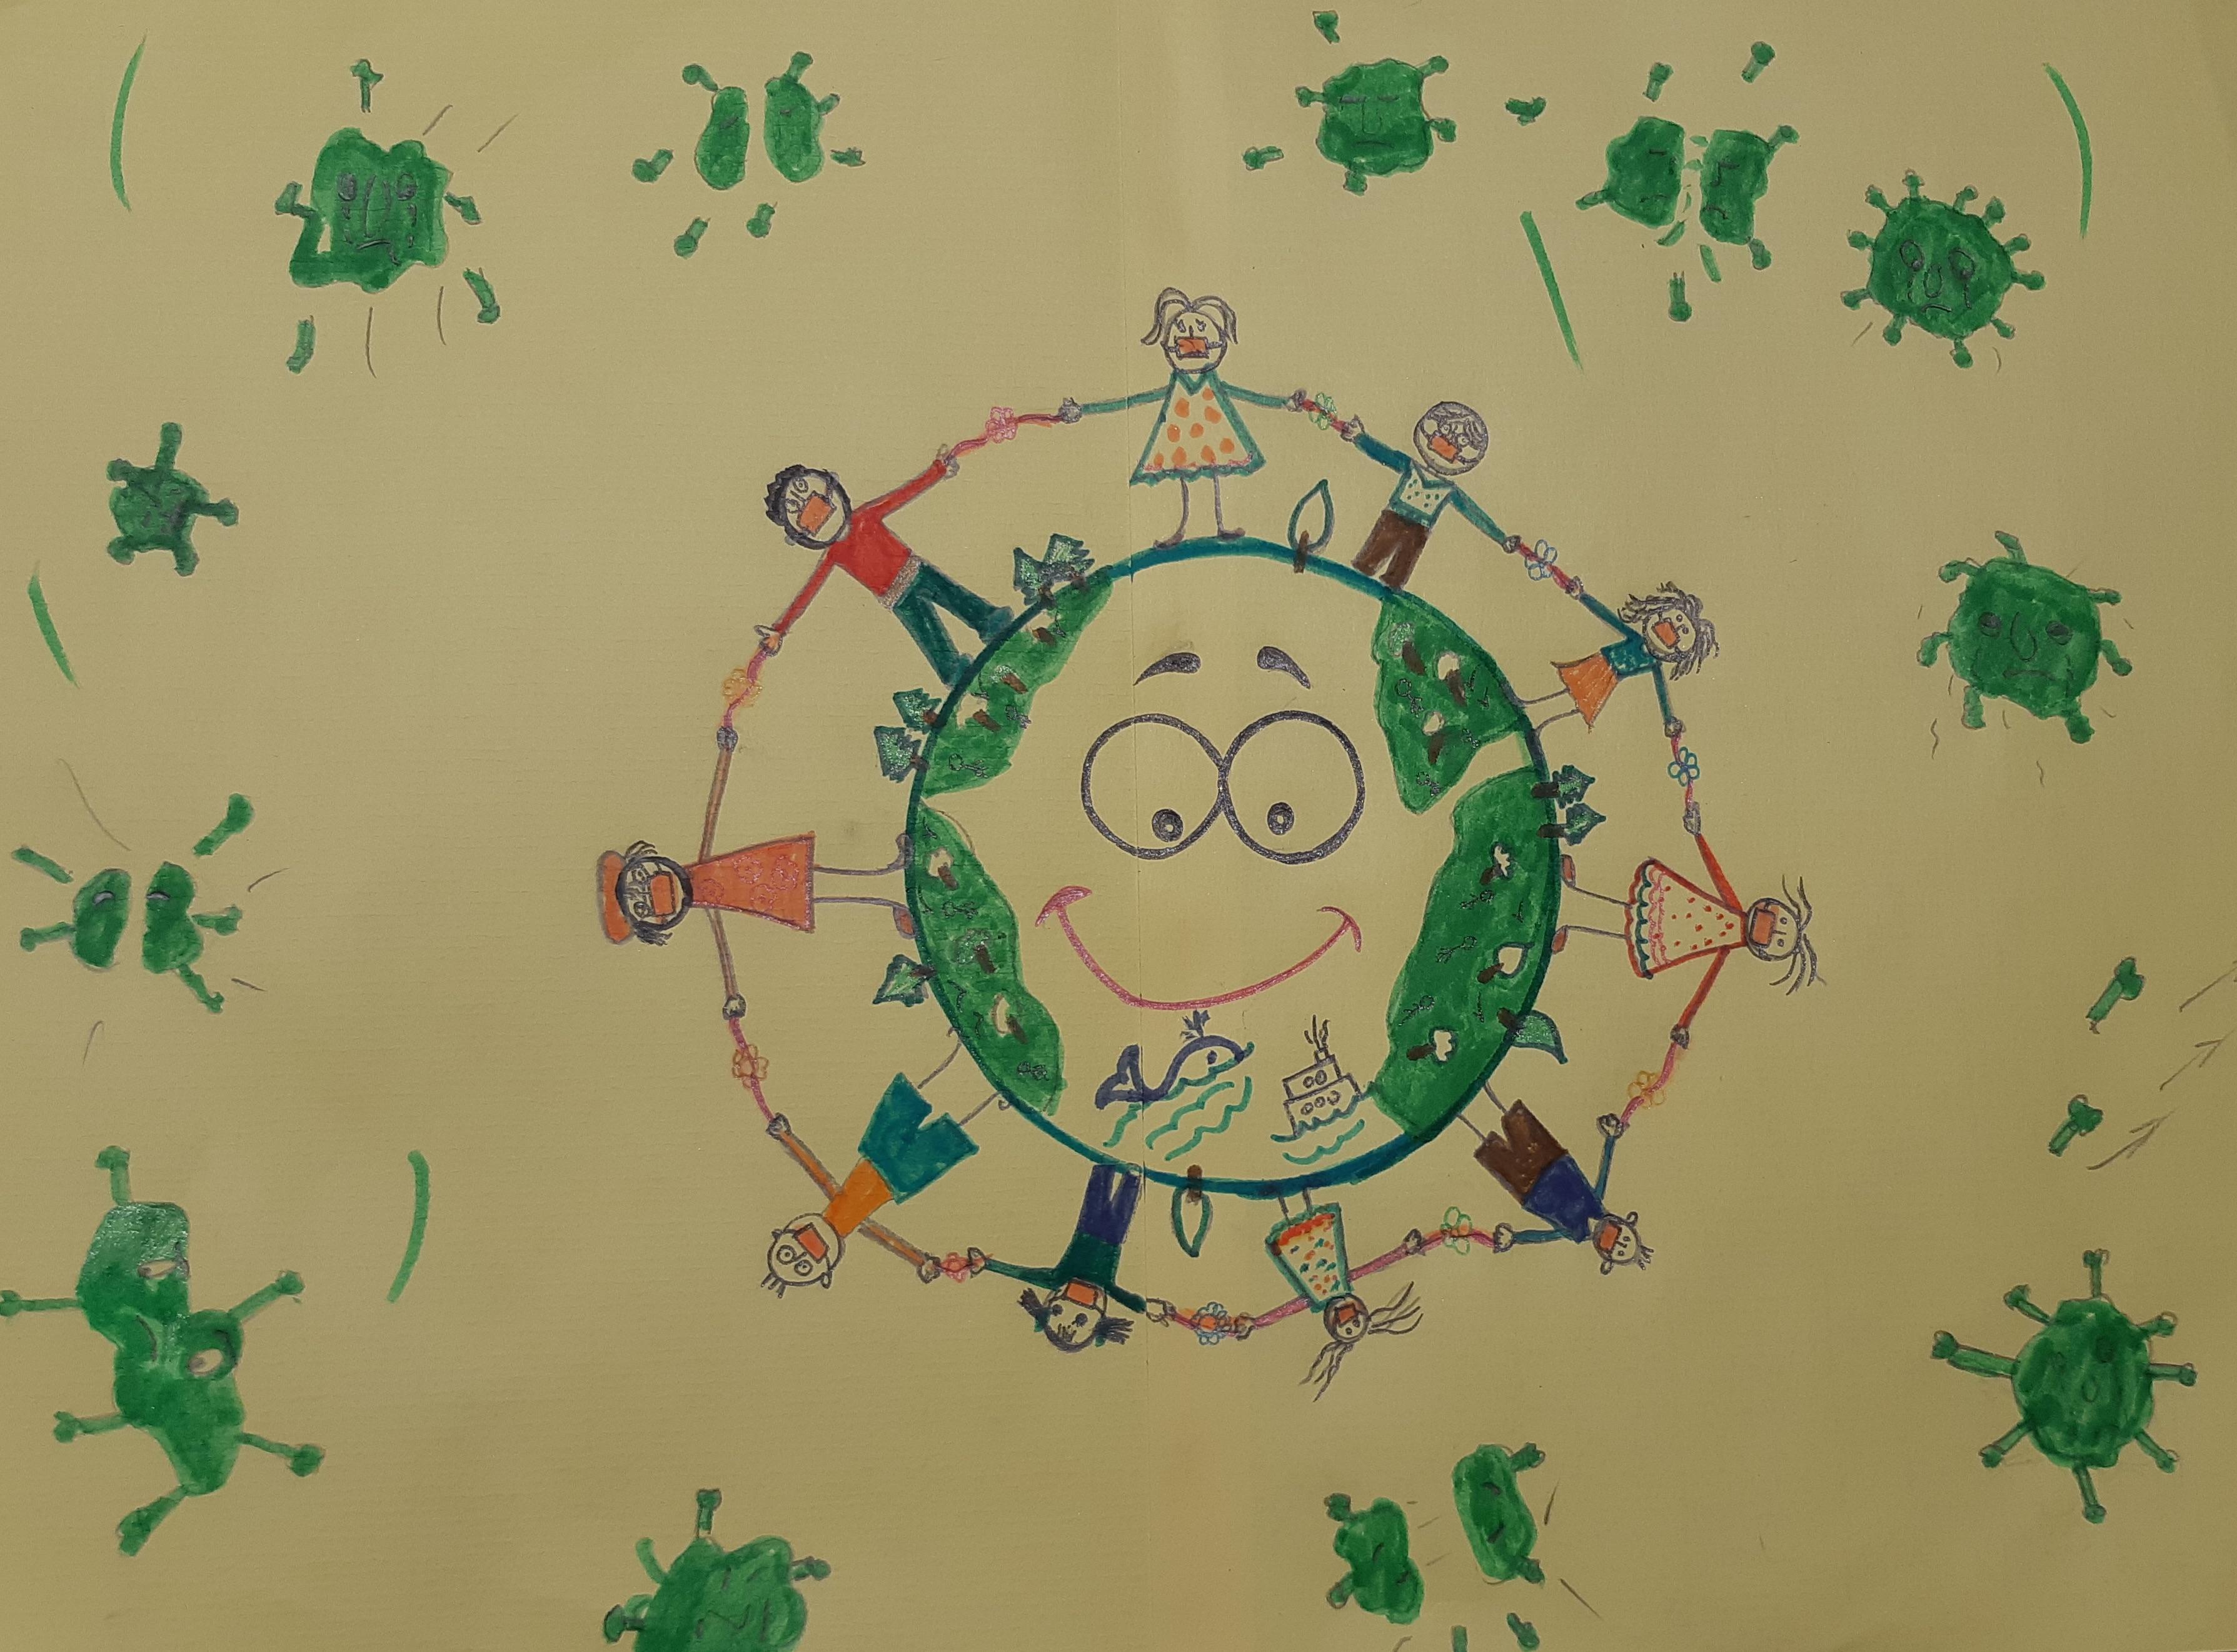 نقاشی کرونا برای کودکان